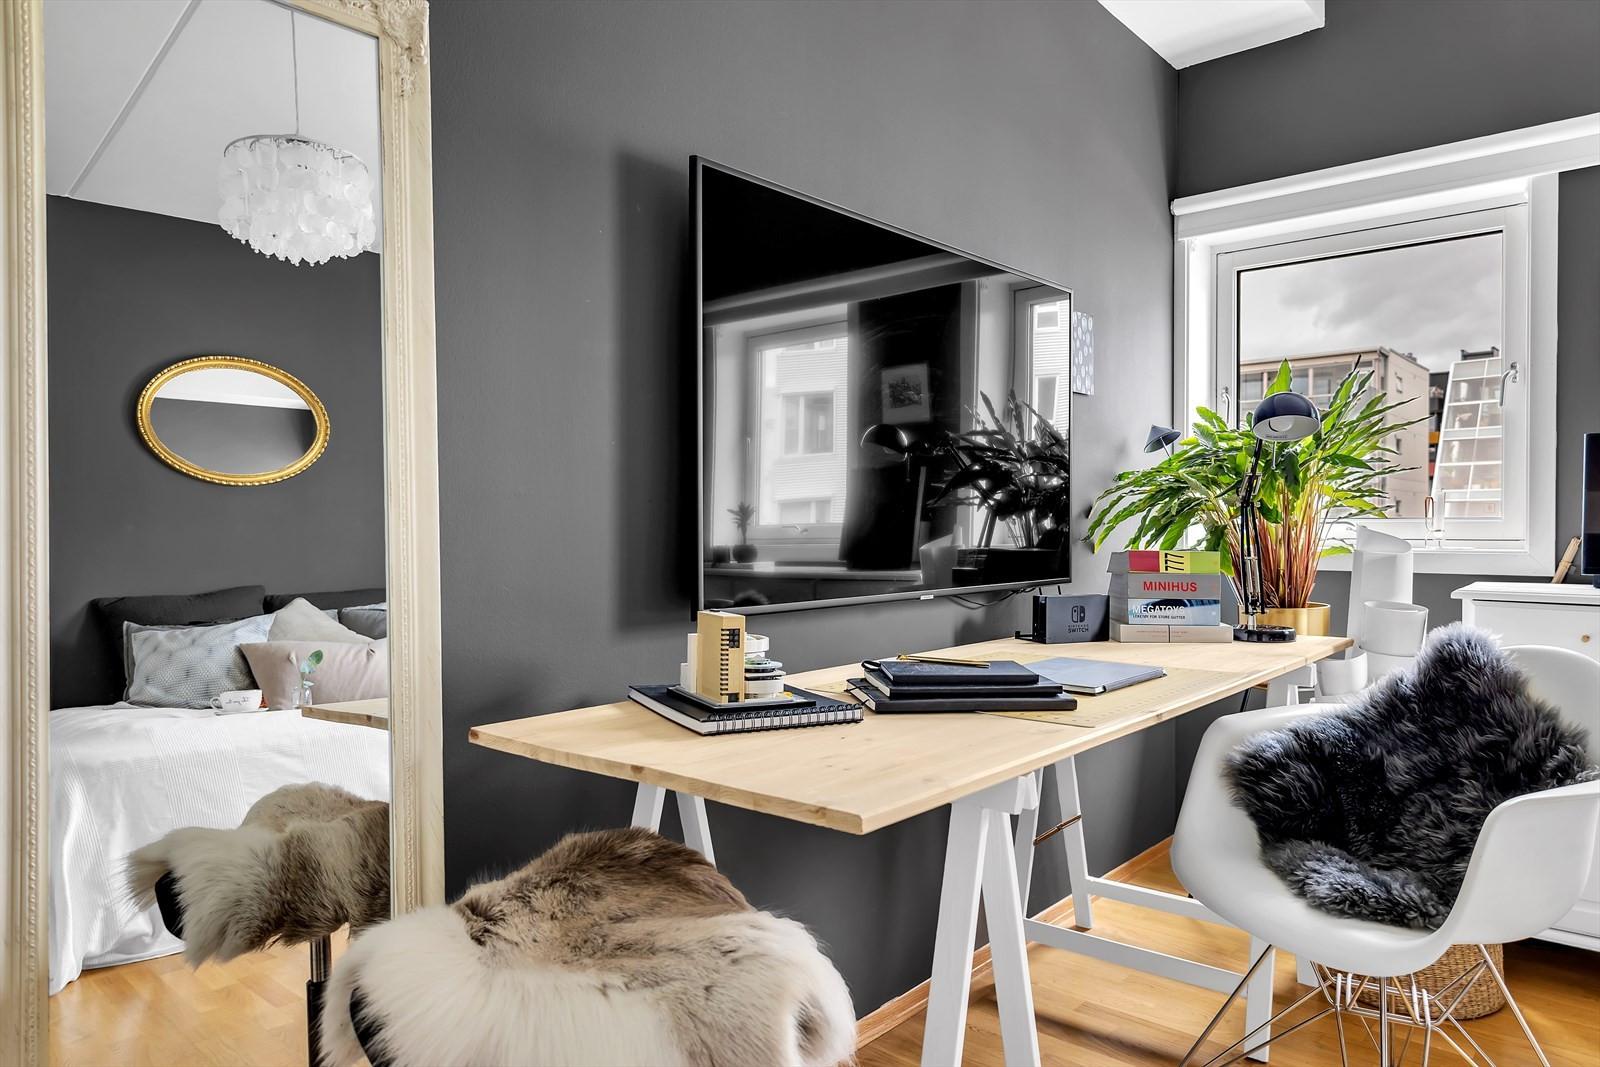 Hovedsoverommet har plass til kontorpult og annet møblement